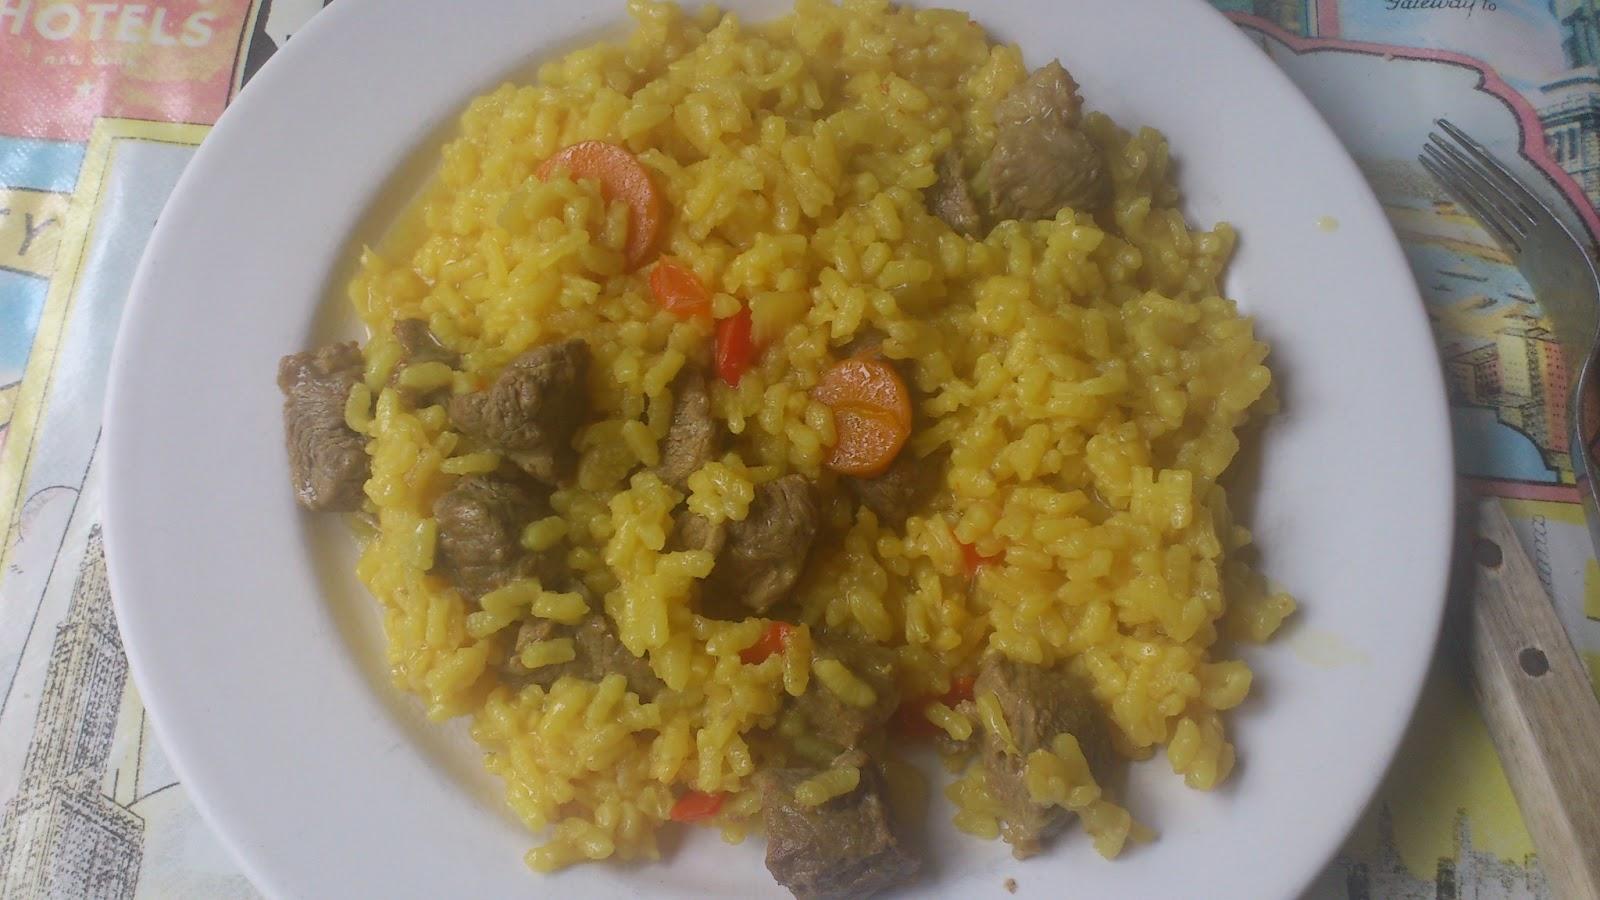 La cocina de cris guiso de carne con arroz for Cocina 5 ingredientes jamie